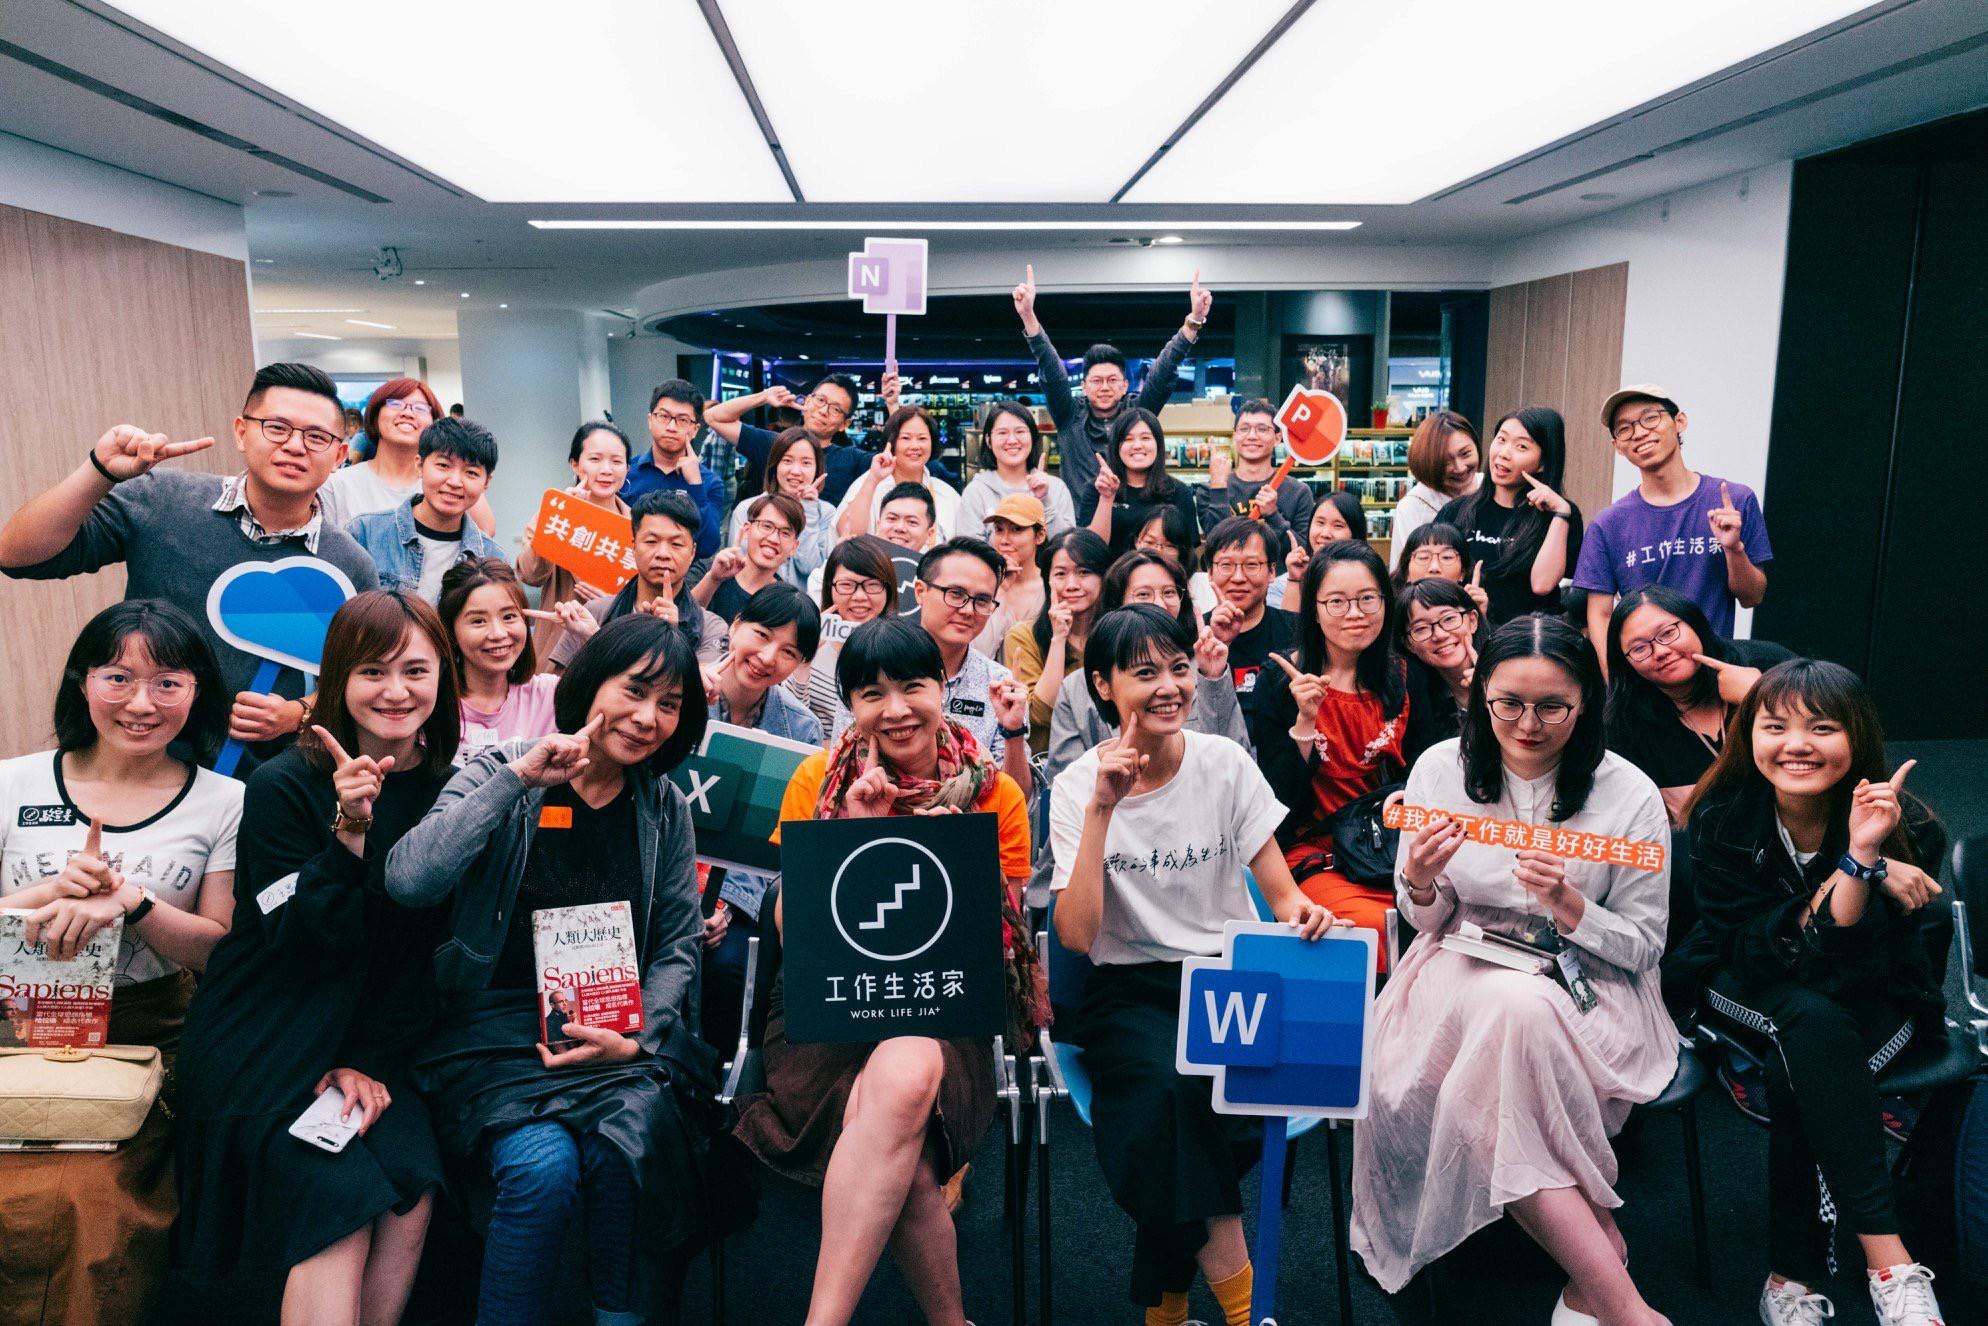 迪哥活動筆記|花了 1 5年,執行製作陳小麥打造 8 萬觀展人潮的世界級展會—Pop Up Asia 亞洲手創展